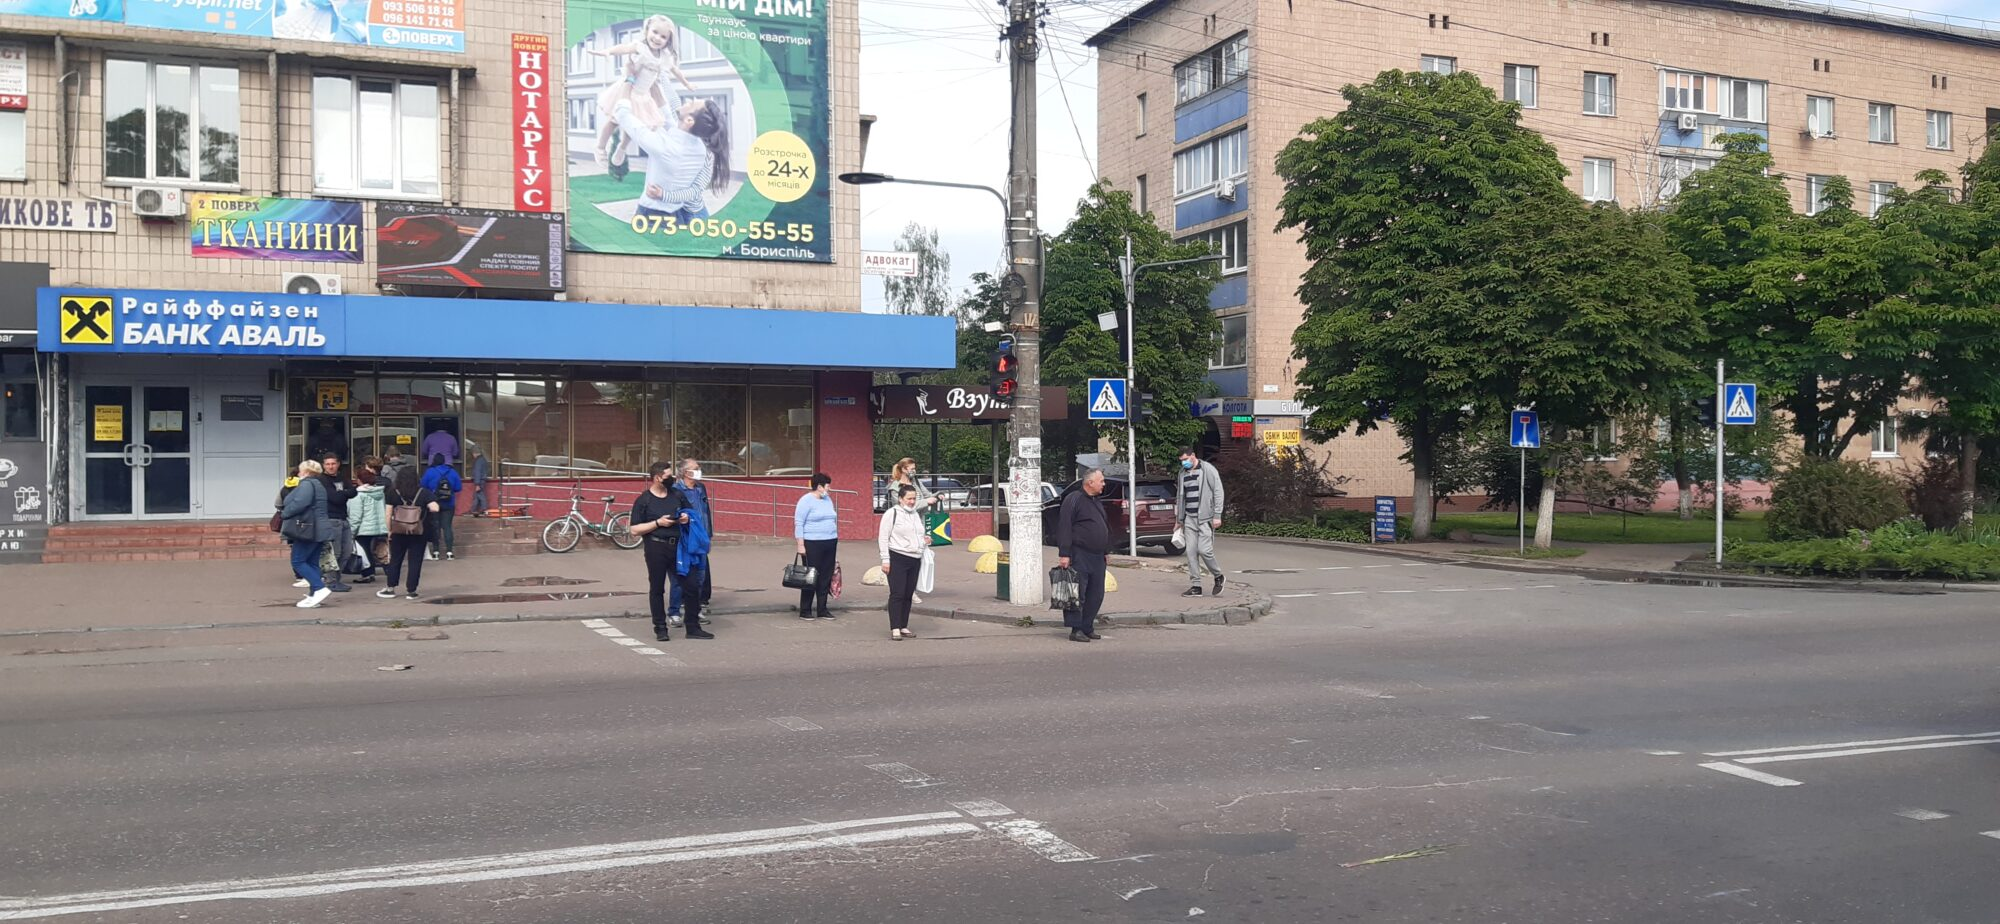 У Борисполі знайшли мертвим учасника АТО - розшук, кримінал, Бориспіль - 20200605 163717 2000x924